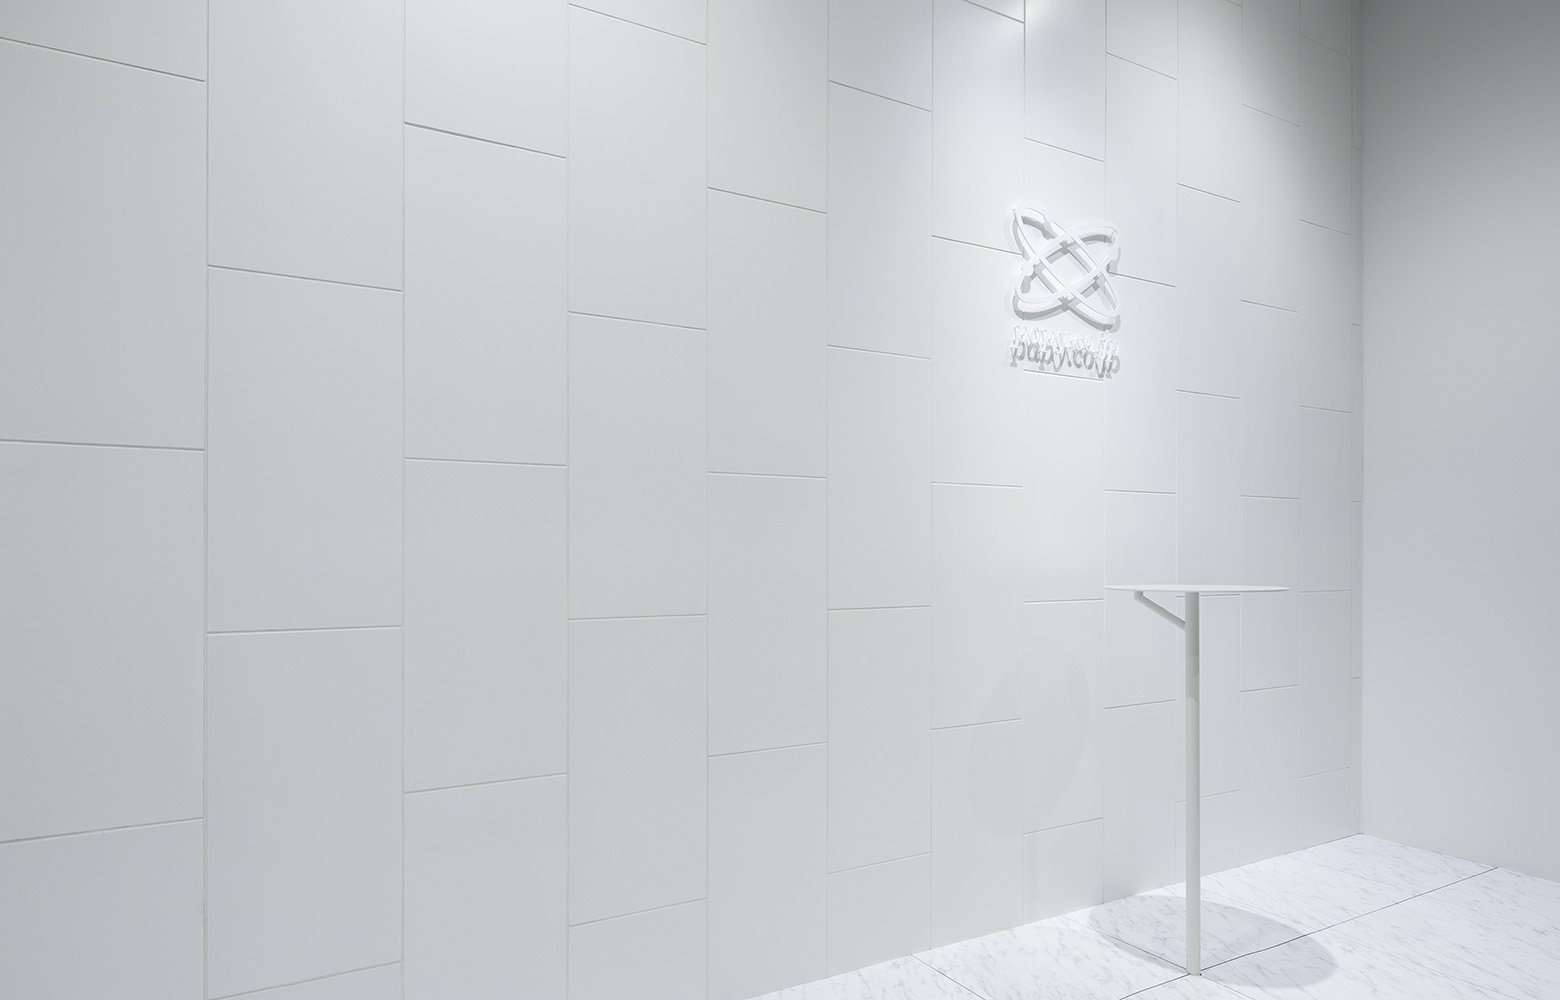 株式会社パピレス Entrance デザイン・レイアウト事例